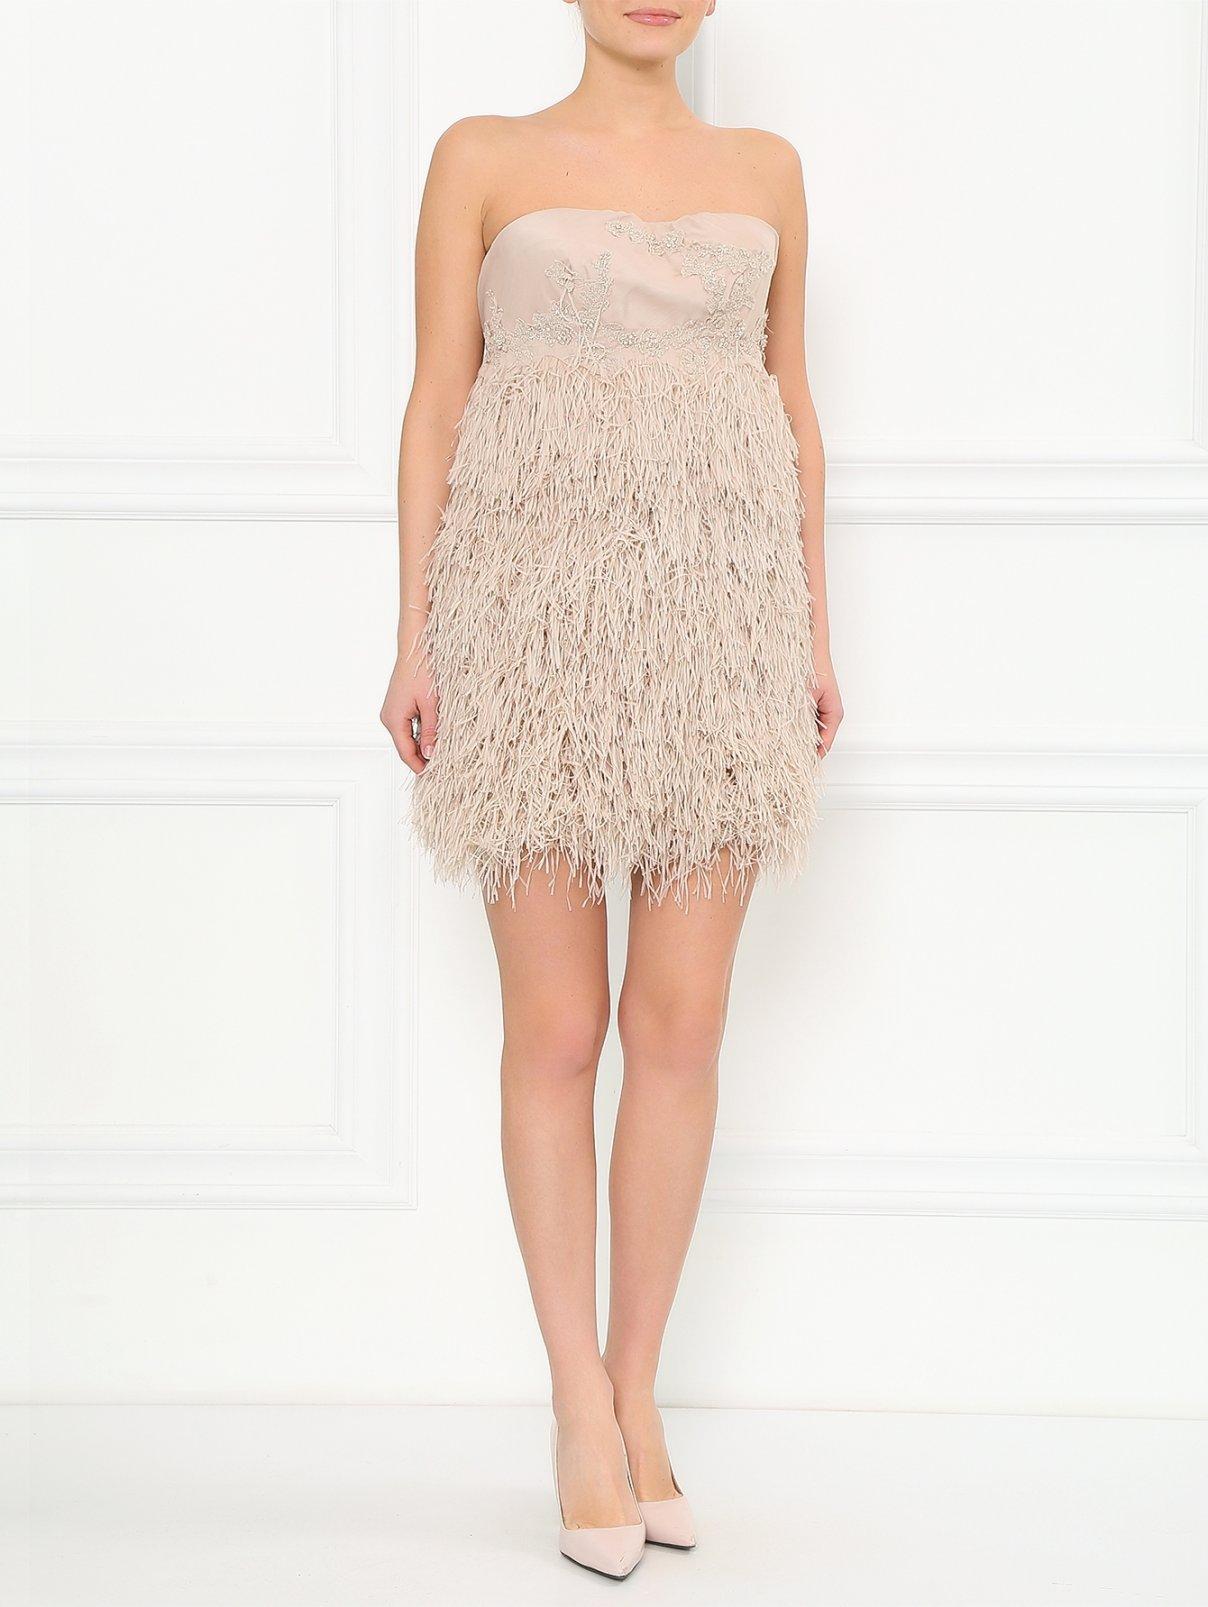 Платье-корсет из шелка Ermanno Scervino  –  Модель Общий вид  – Цвет:  Бежевый